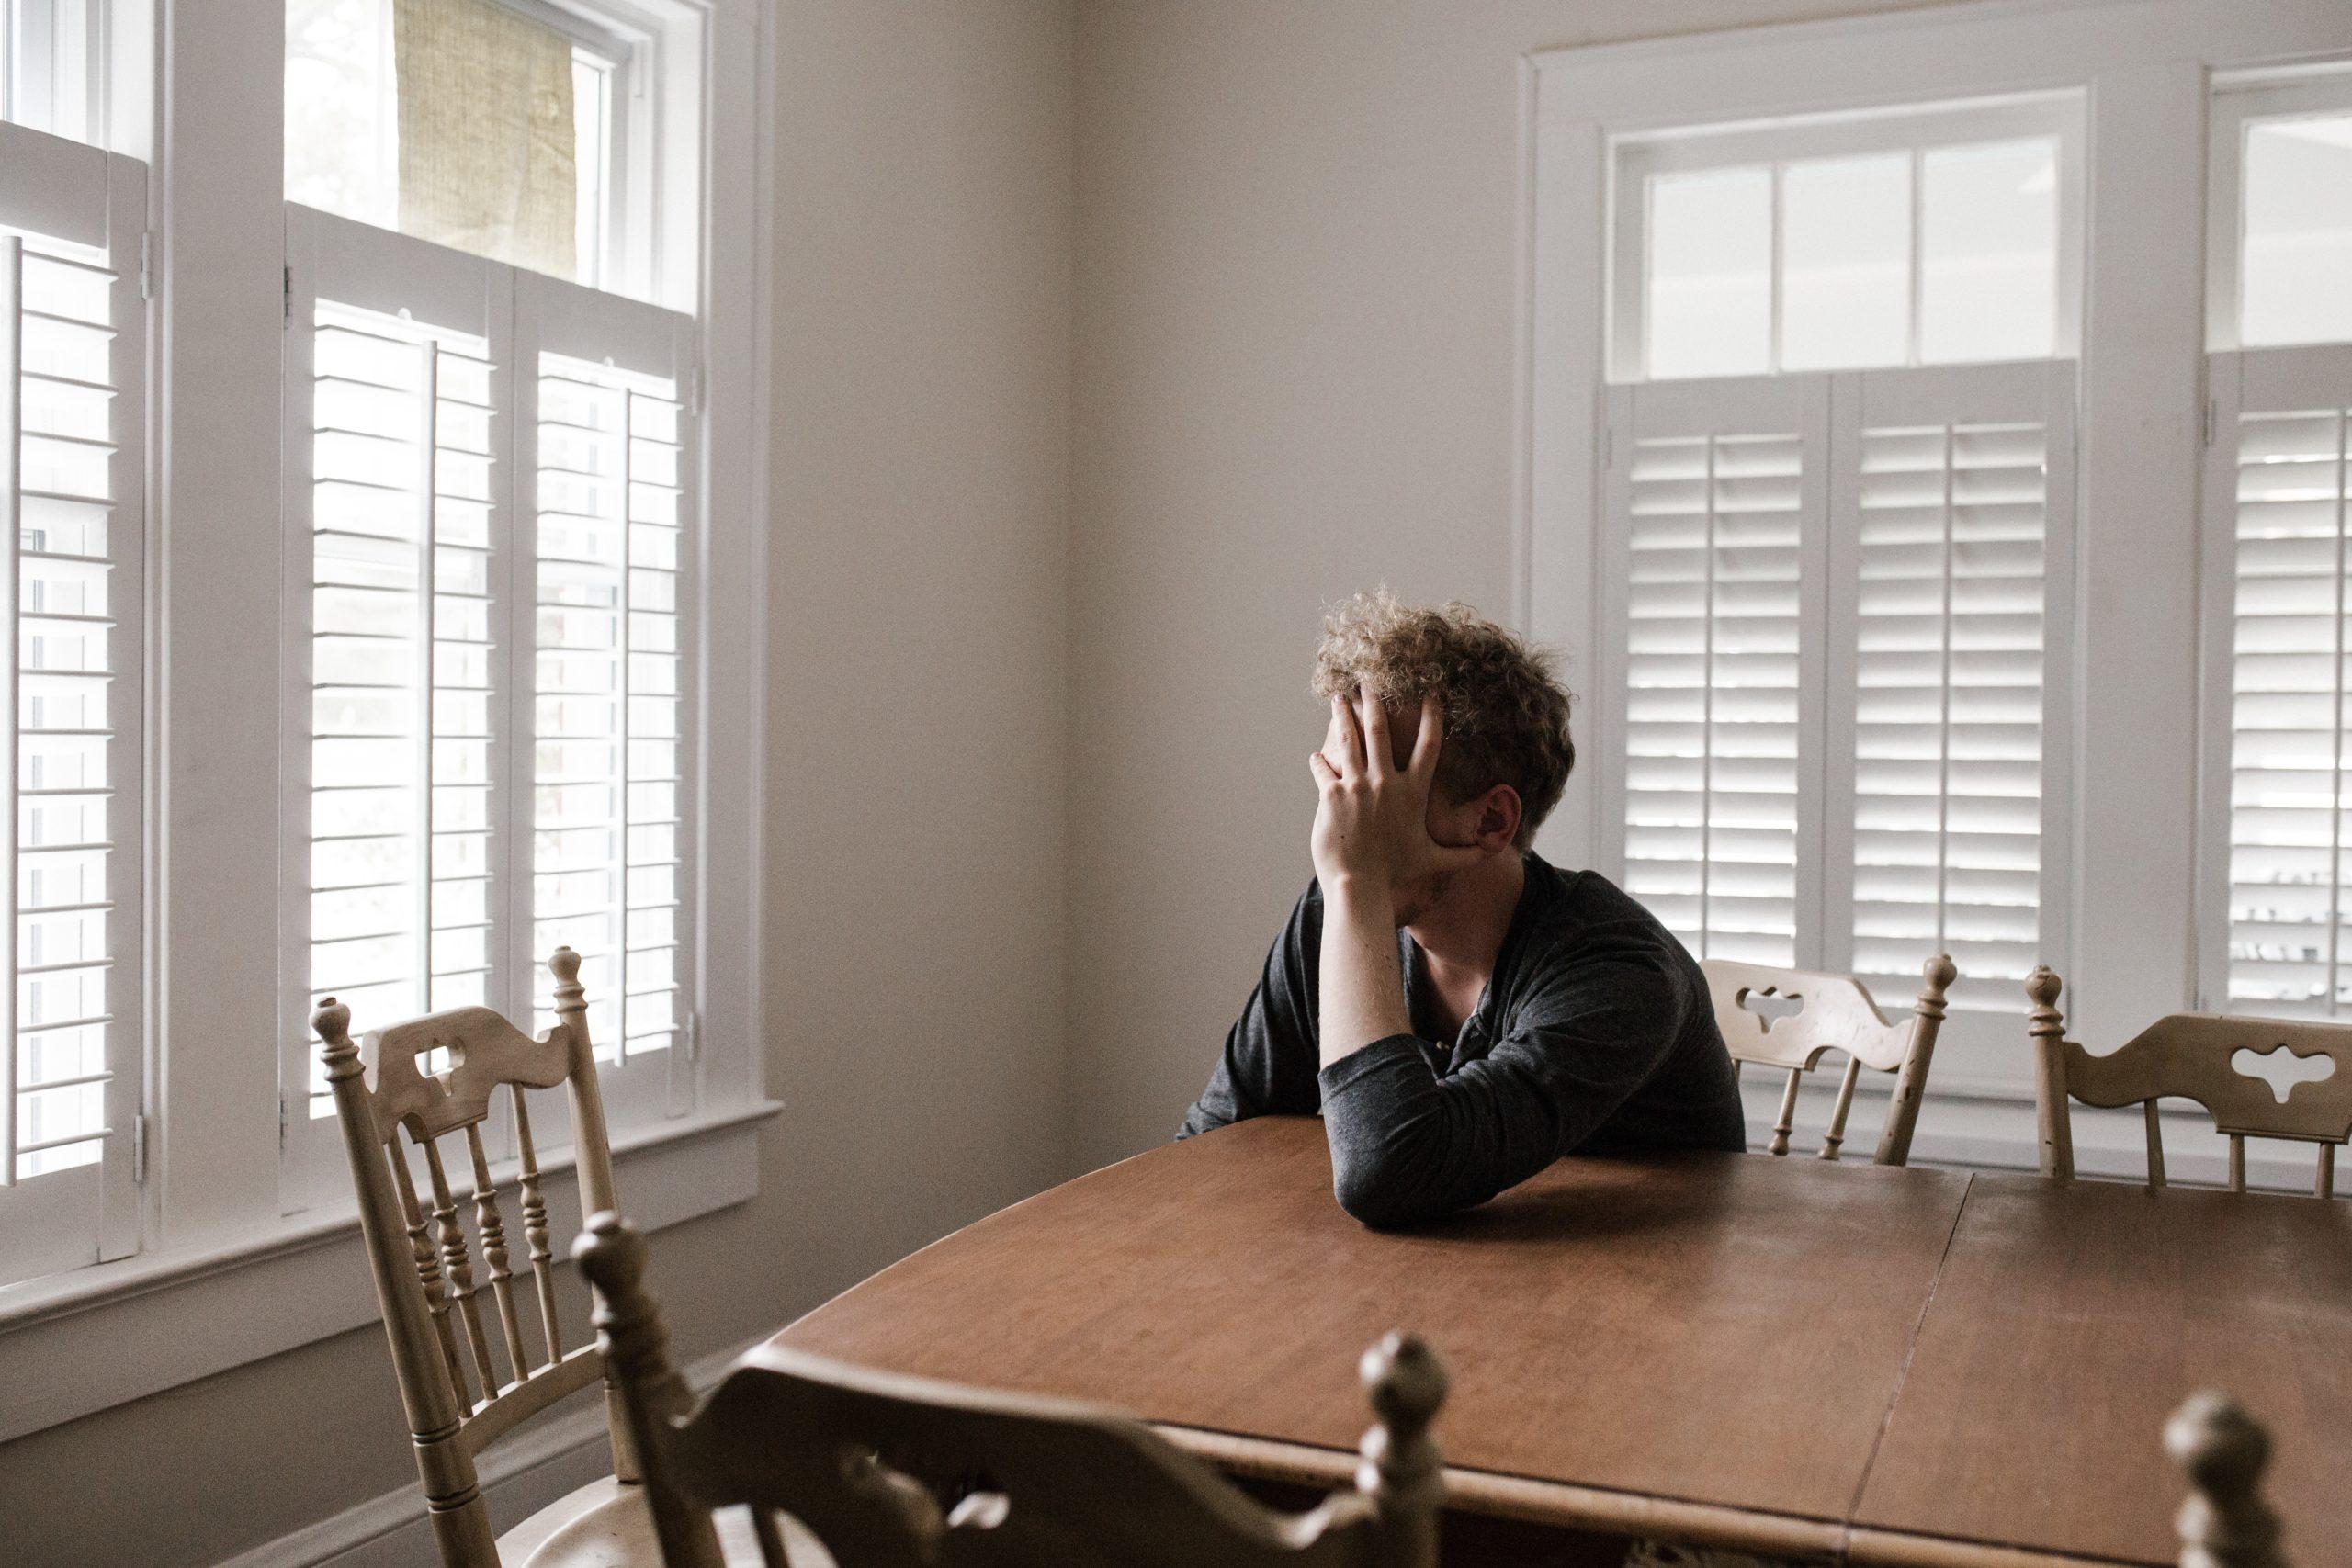 Photo d'un homme ne se sentant pas bien pour illustrer les risques psychosociaux dans la fonction publique